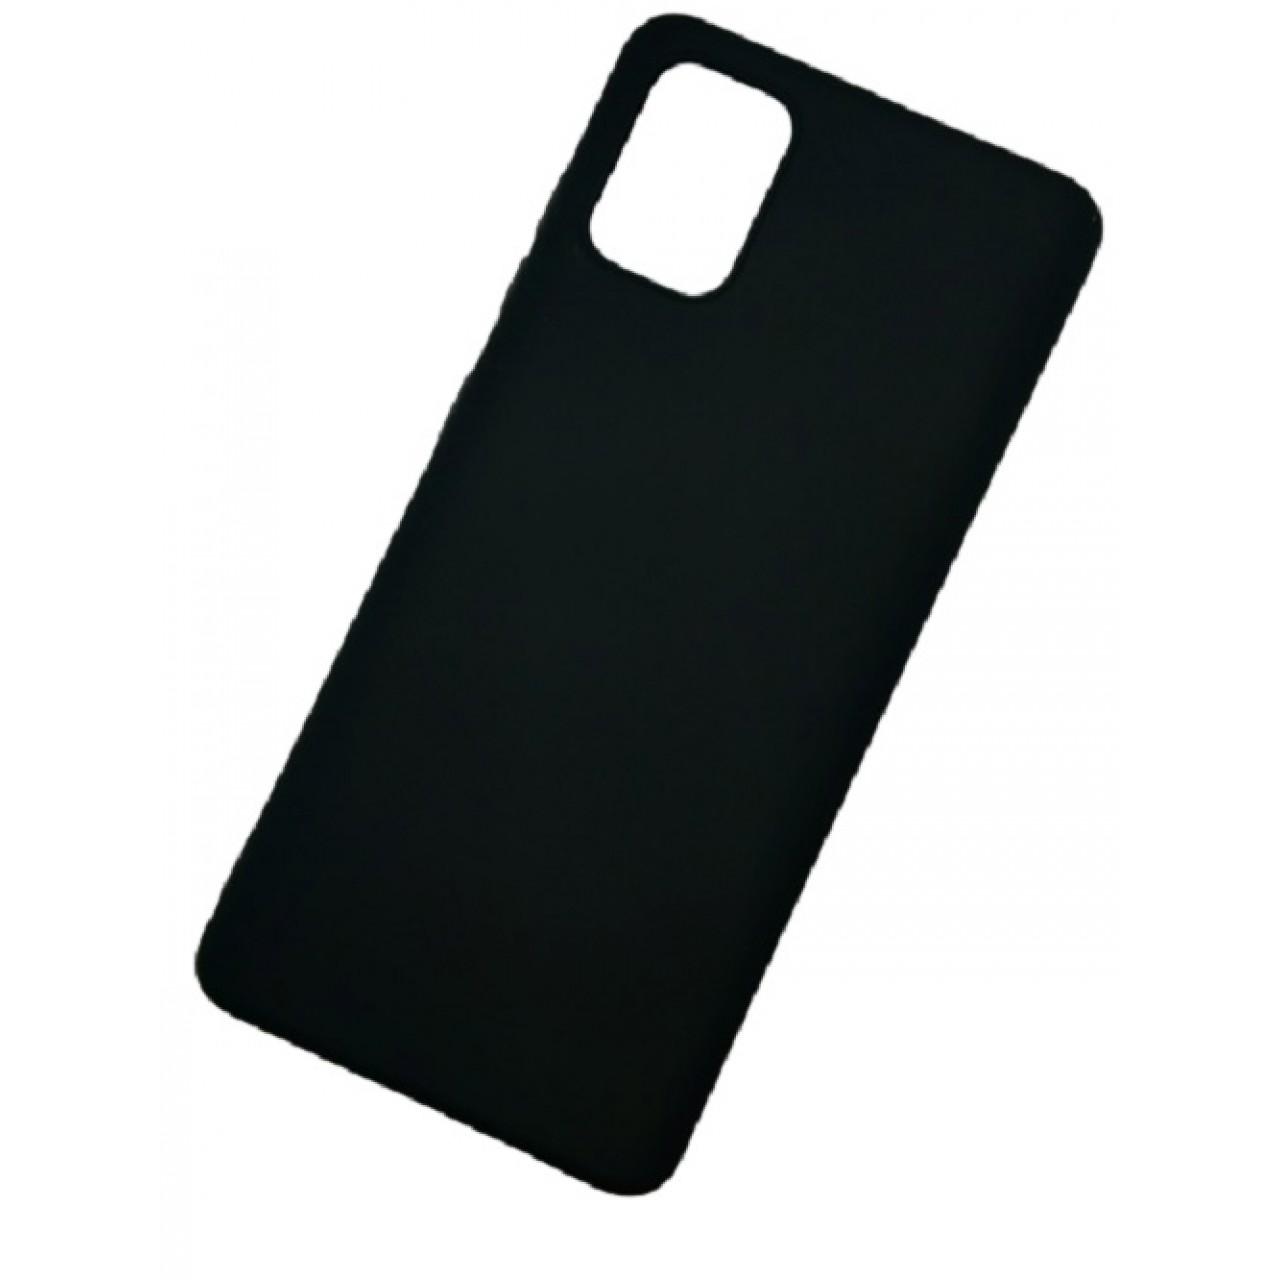 ΘΗΚΗ ΠΡΟΣΤΑΣΙΑΣ ΣΙΛΙΚΟΝΗΣ ΓΙΑ Samsung A71 ΜΑΥΡΗ - BACK COVER SILICONE CASE BLACK - OEM